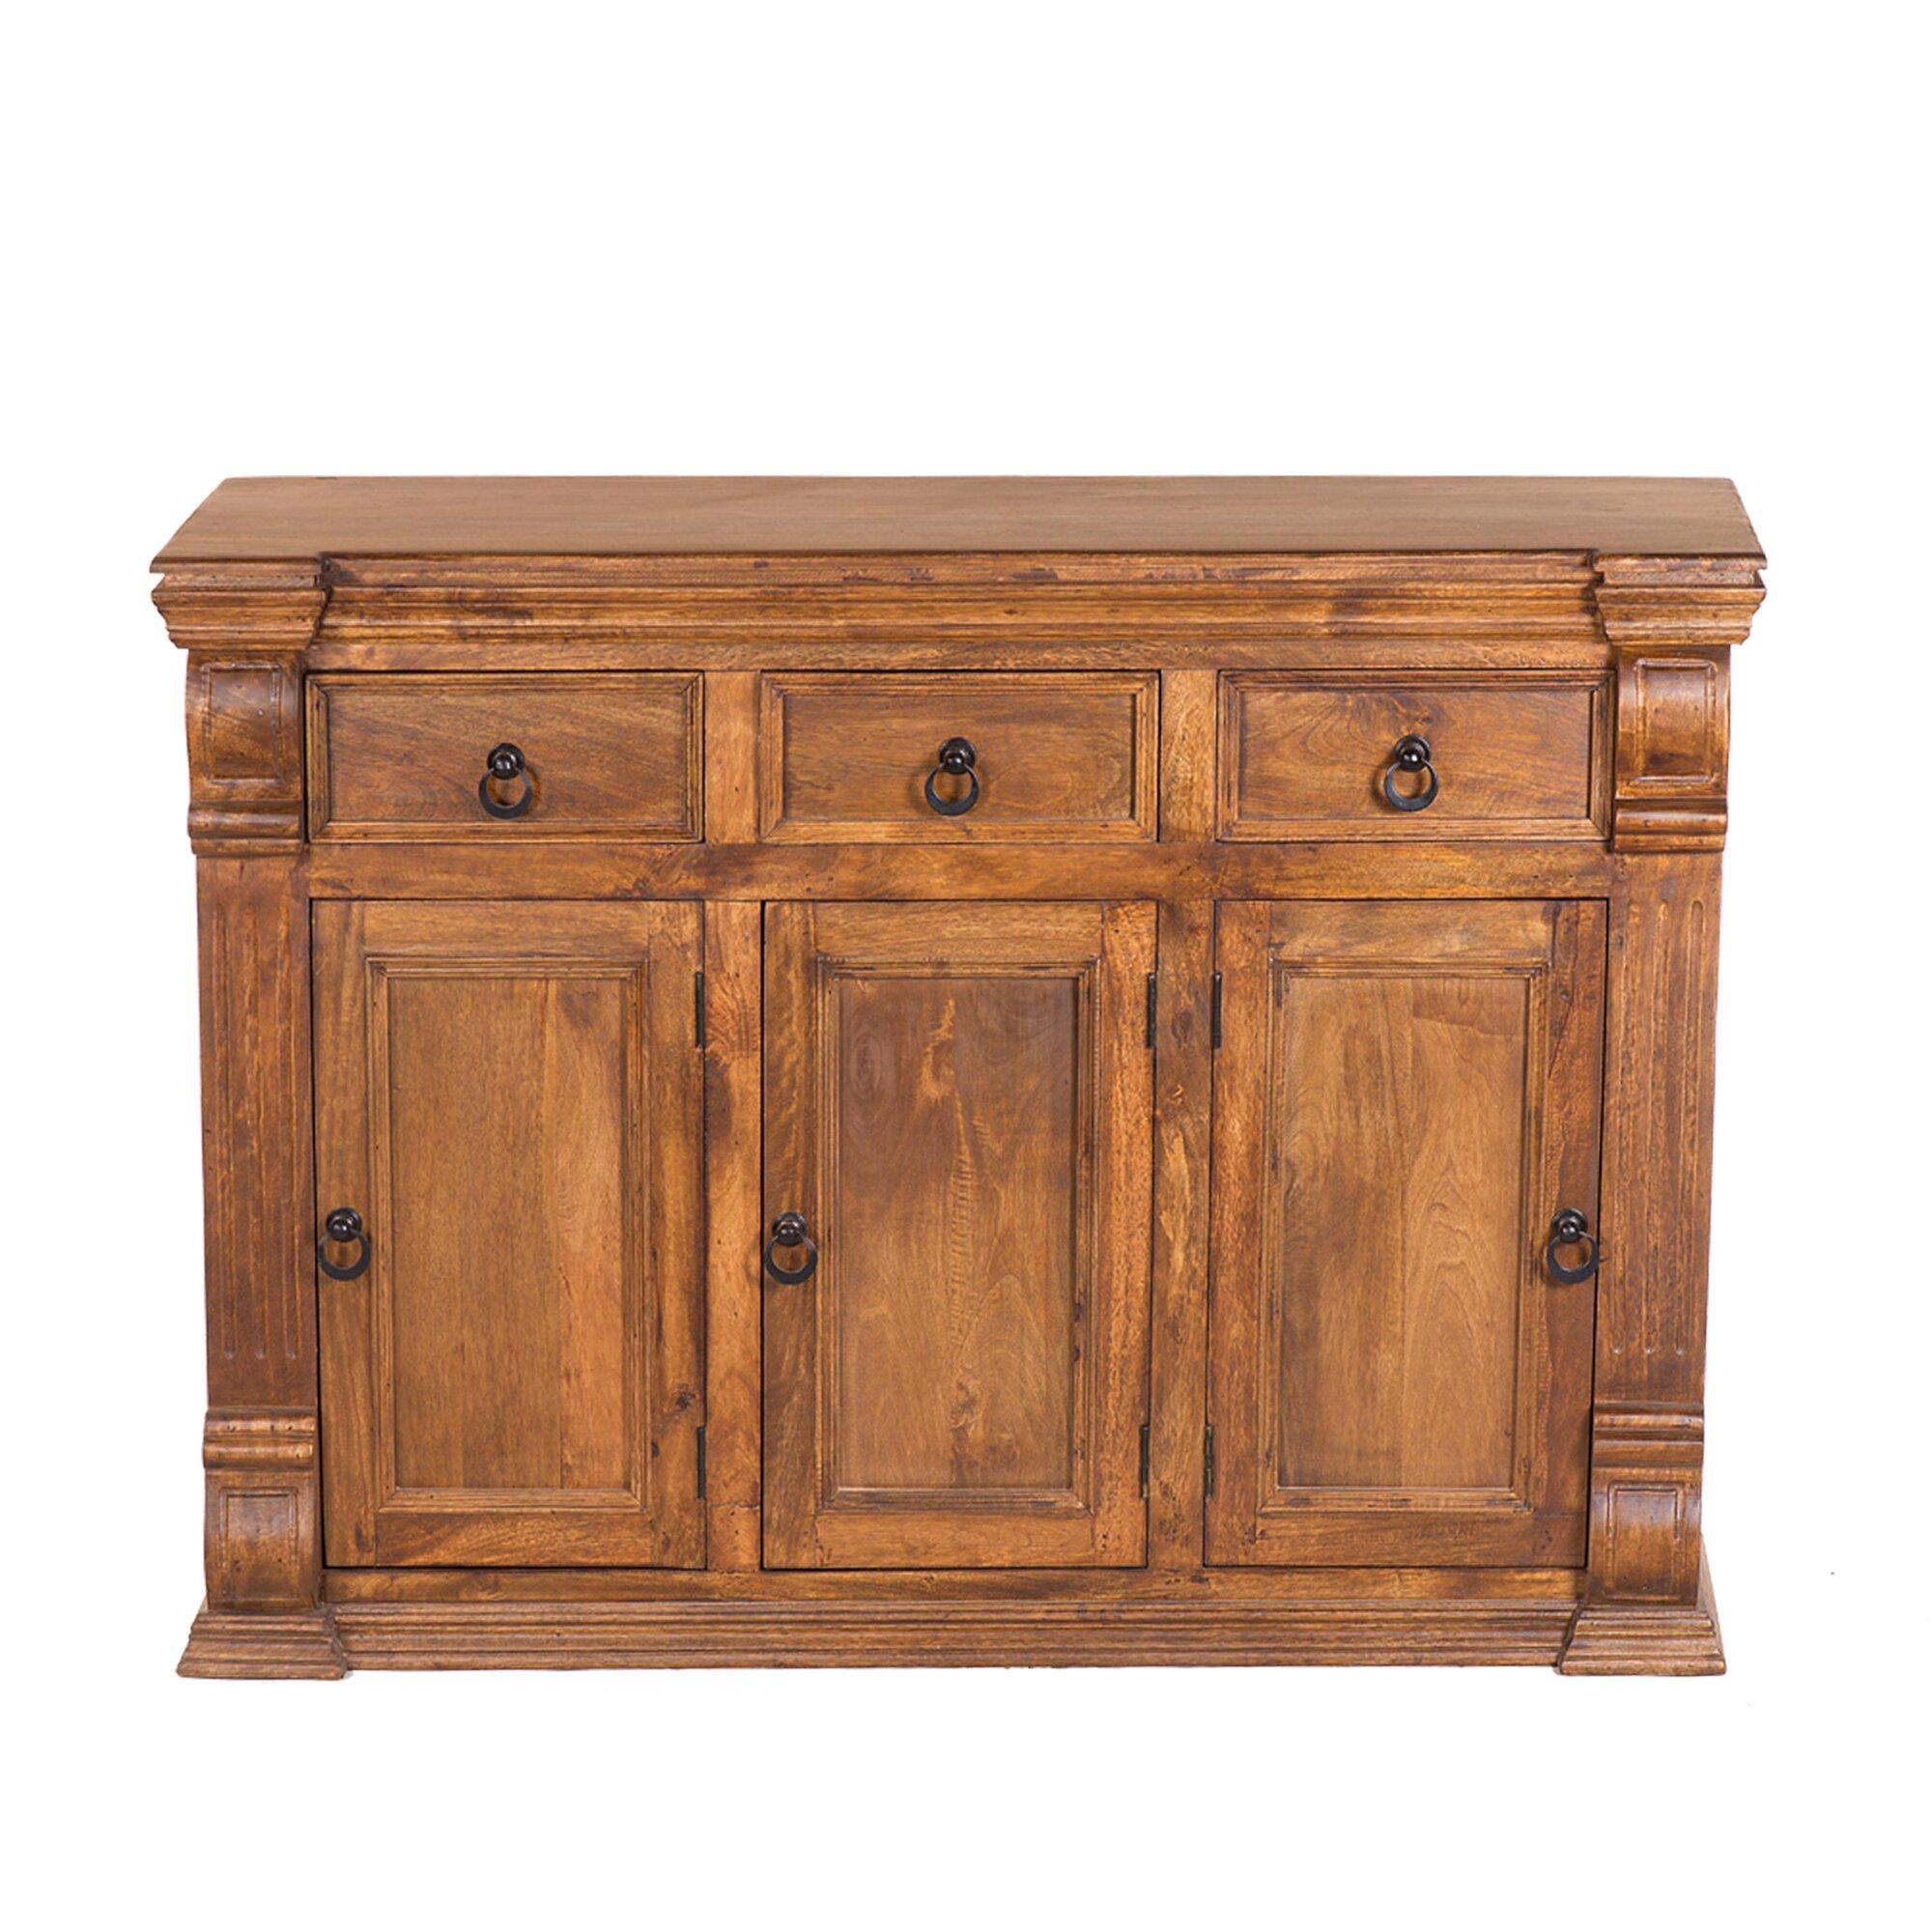 Yosemite Home Decor Console Cabinet & Reviews